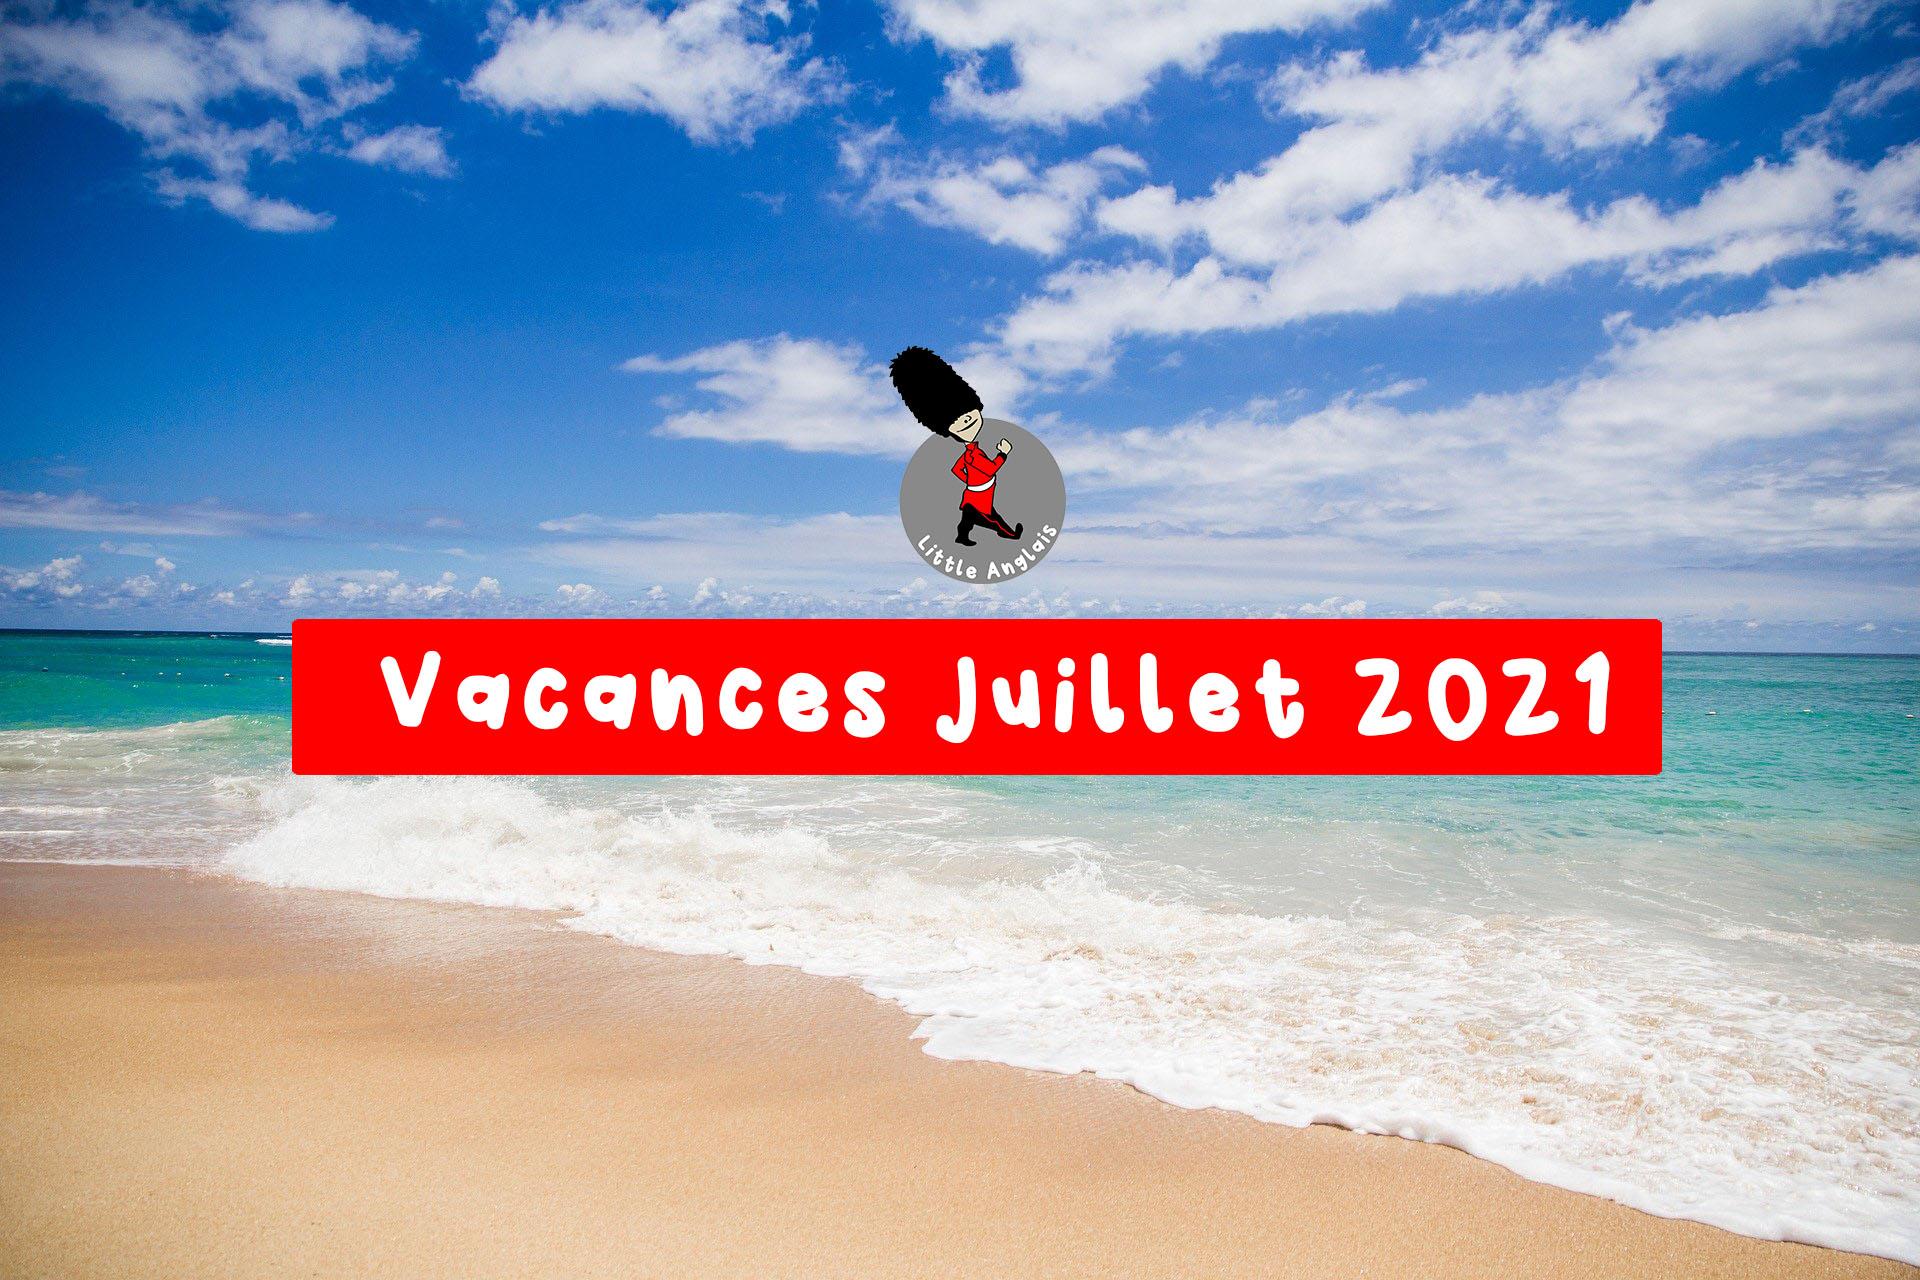 mise en avant programme vacances juillet 2021